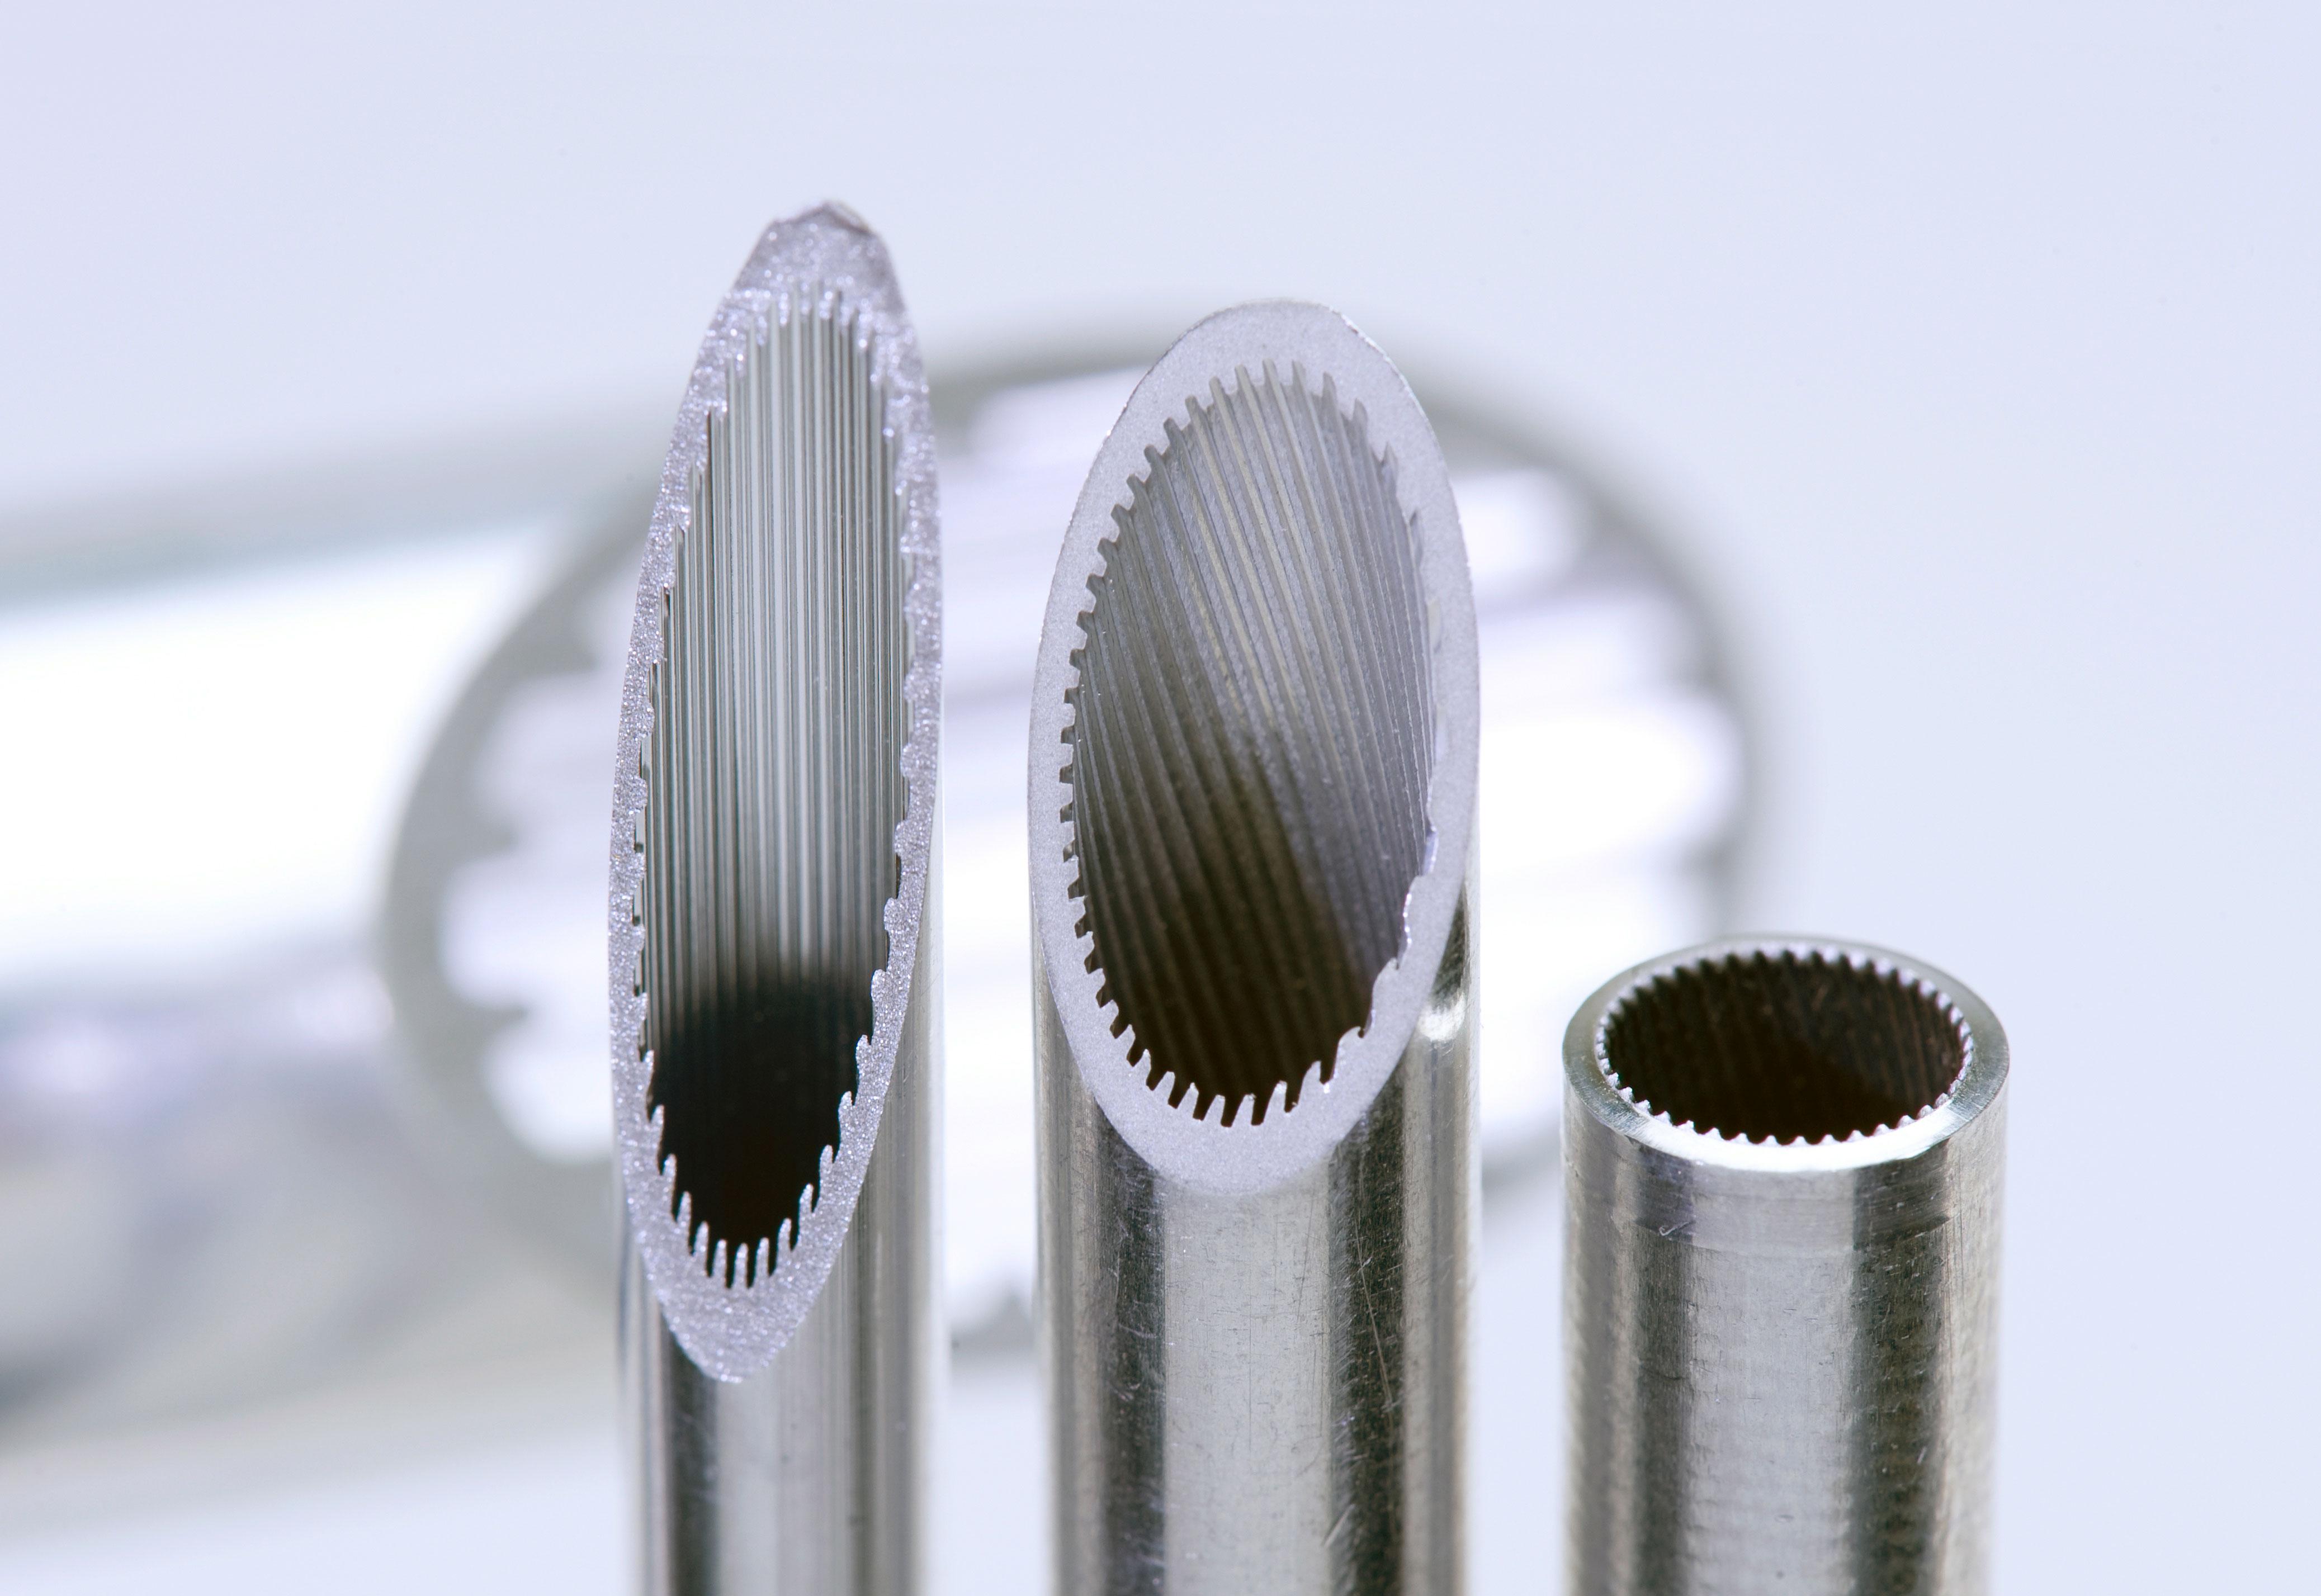 Inner-grooved tubes